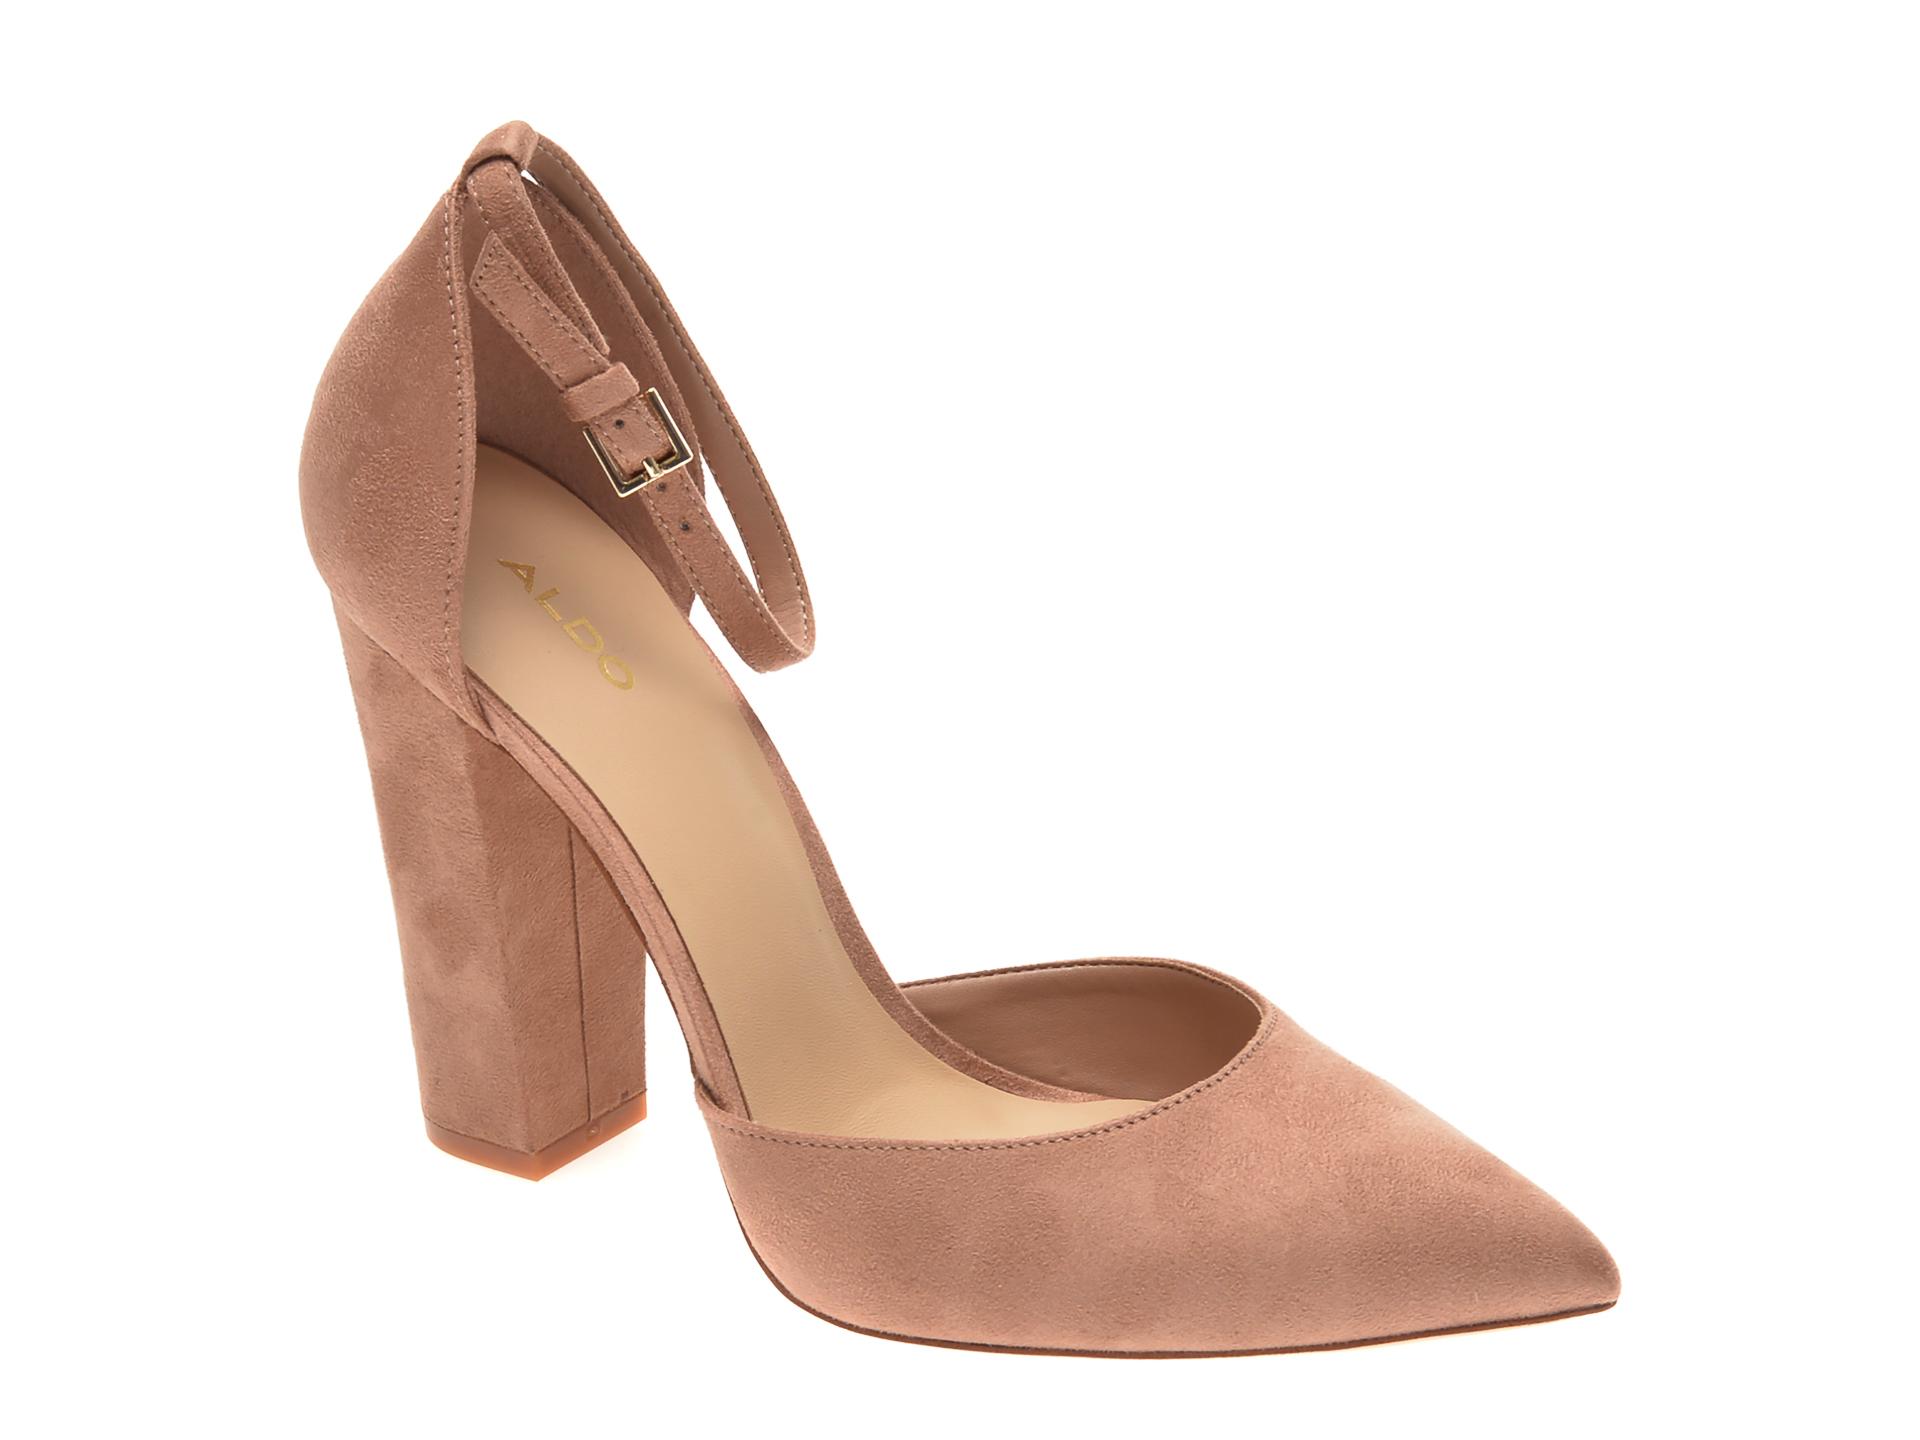 Pantofi ALDO nude, Nicholes251, din piele ecologica imagine otter.ro 2021